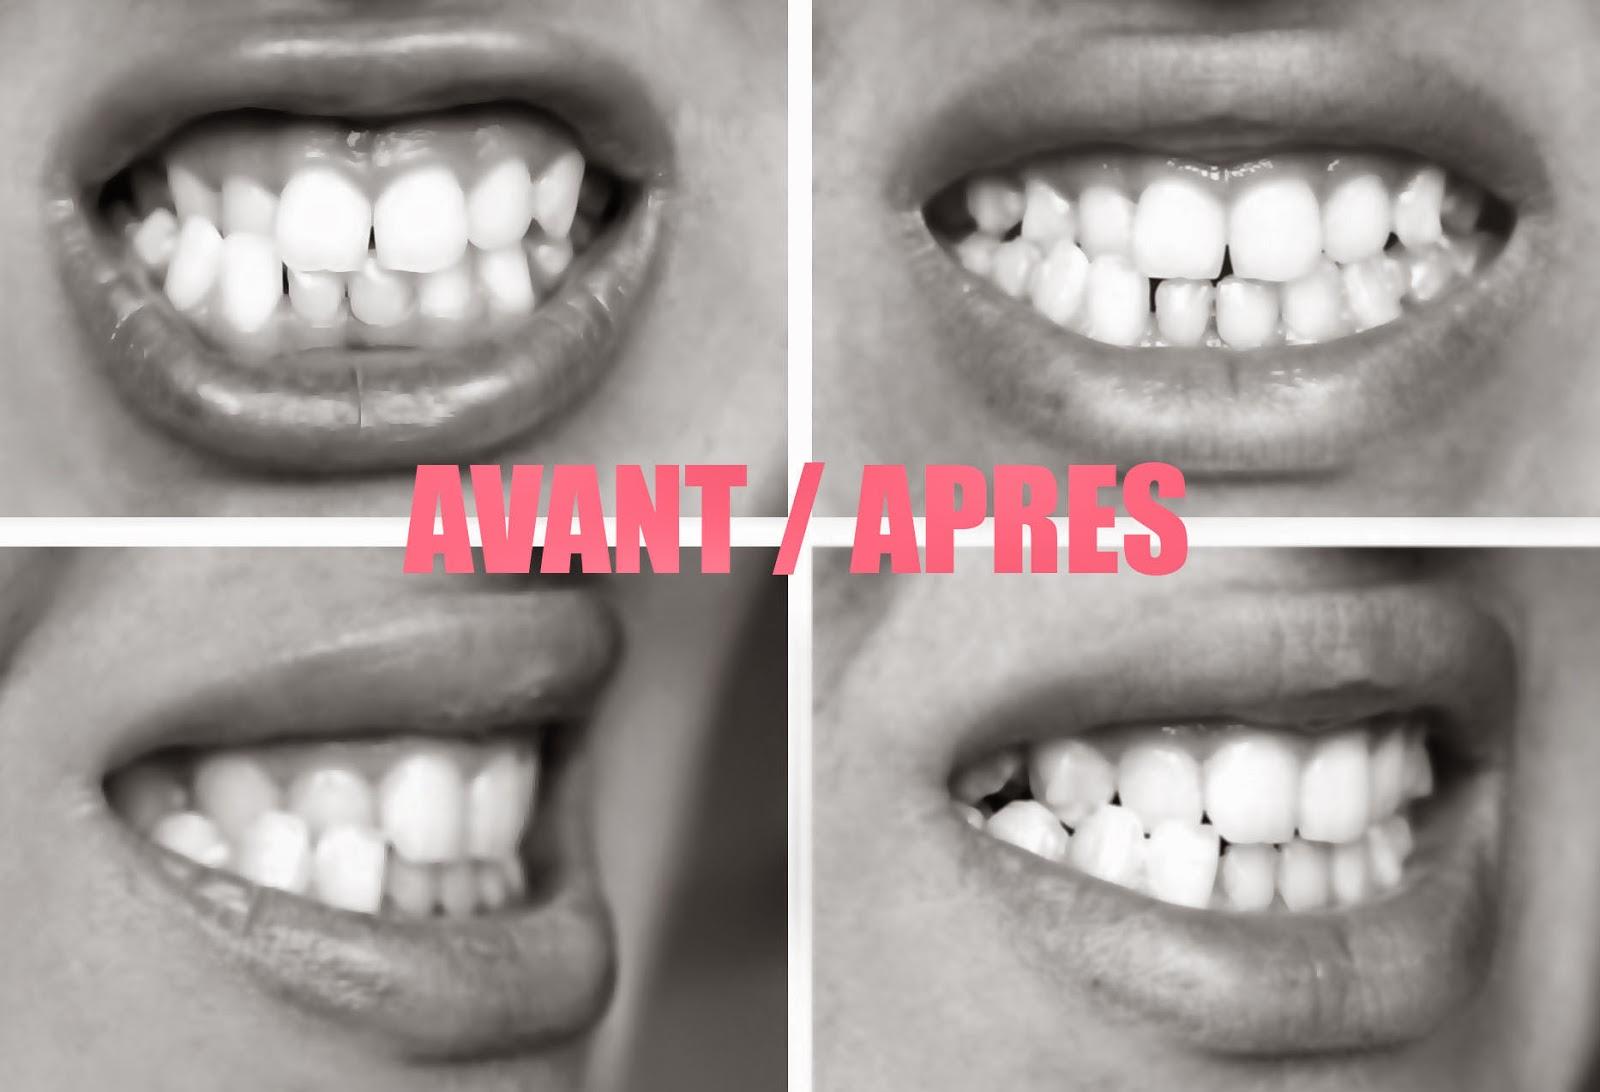 Photos AVANT/APRES à 6 mois de traitement Invisalign.